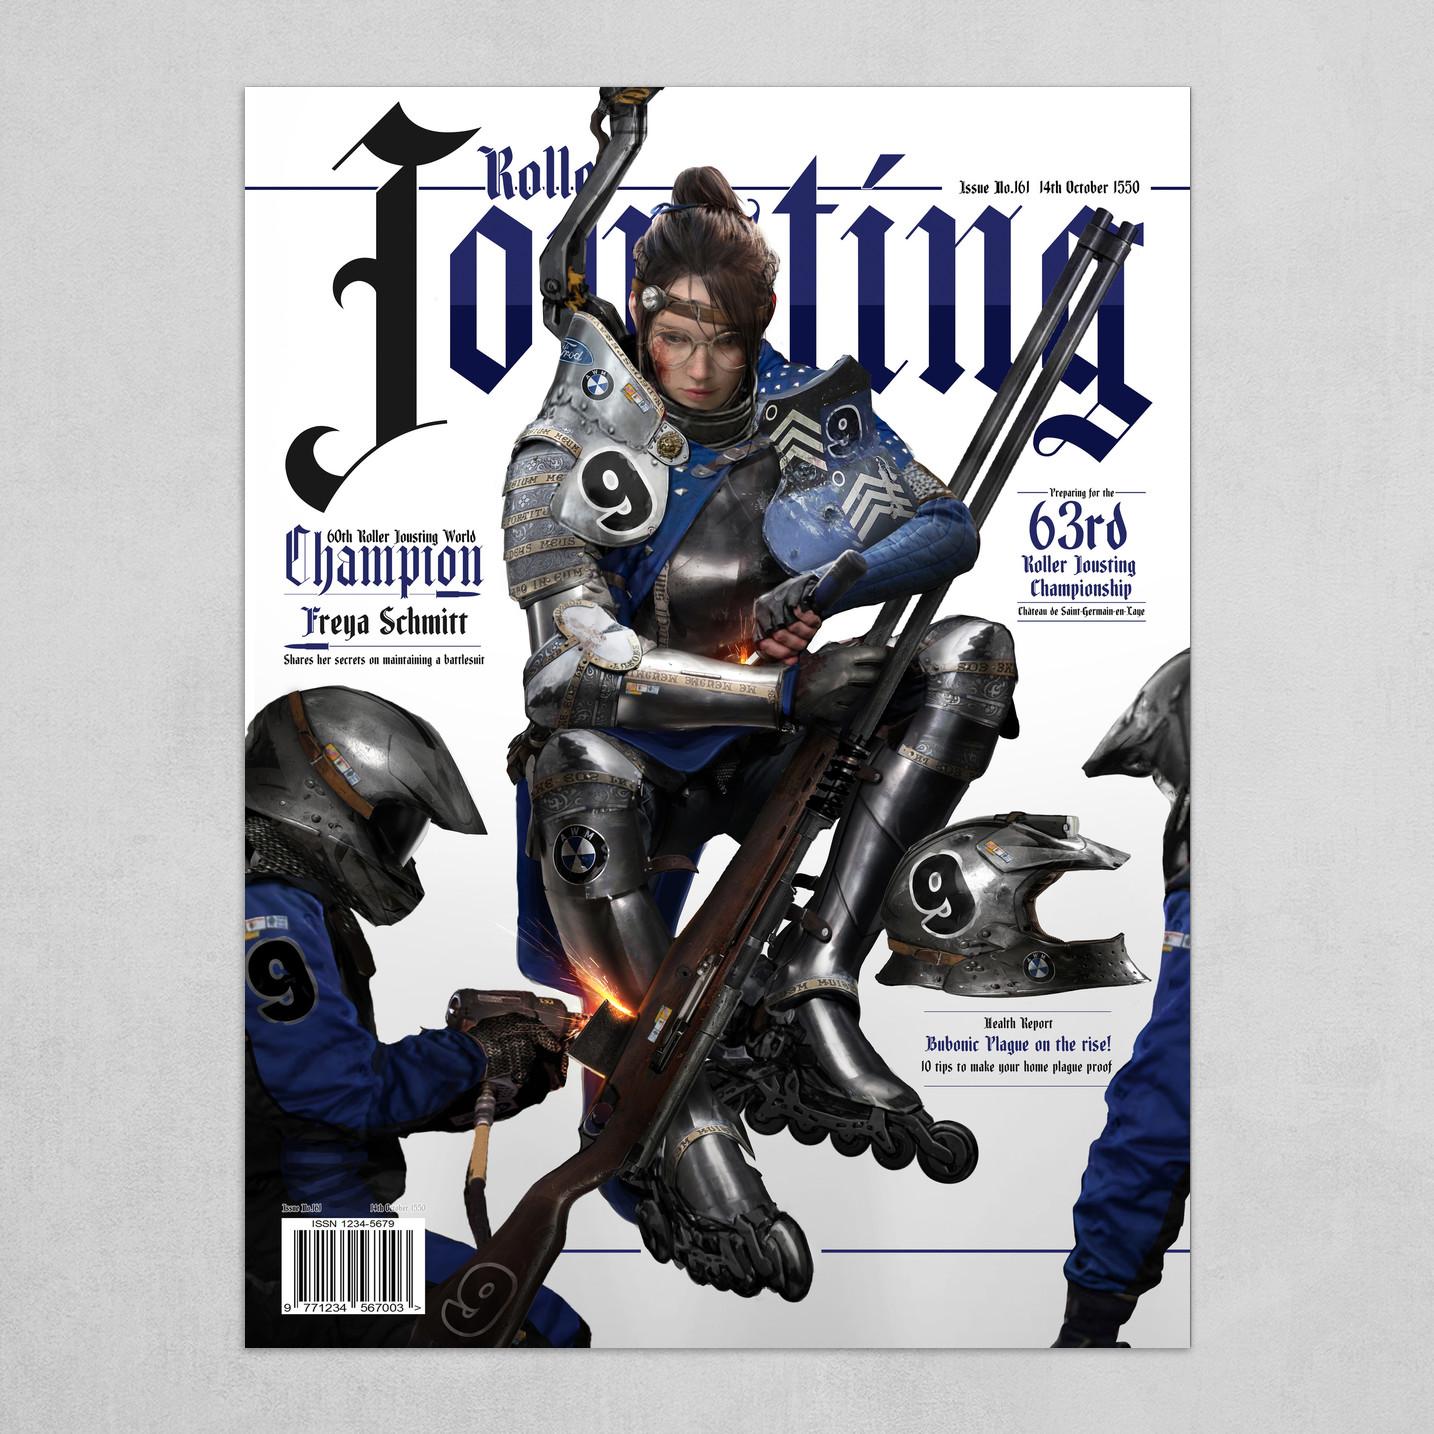 Roller Jousting - Halftime